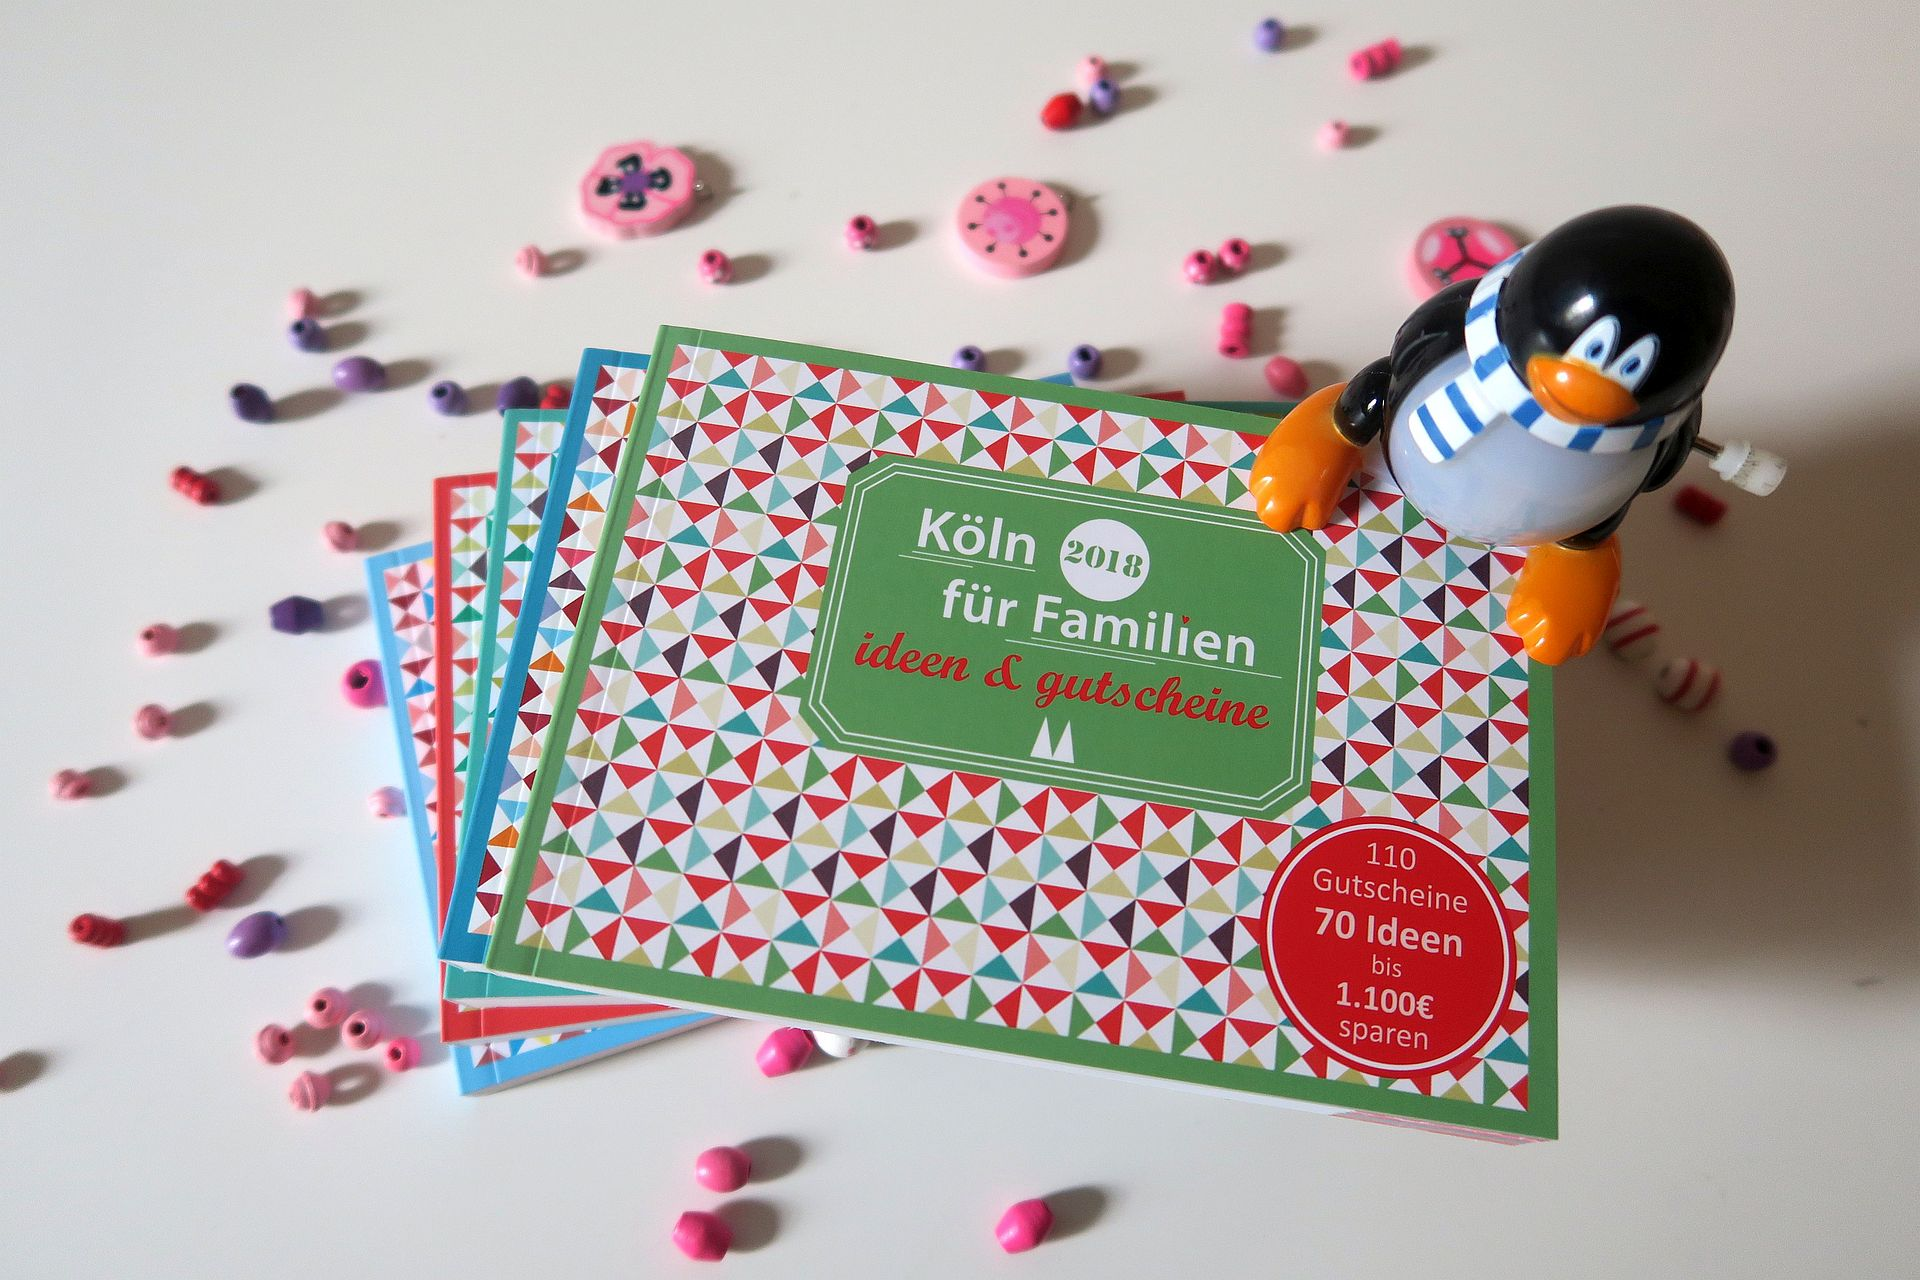 familiengutscheinbücher Köln 2018 kl - KÖLN FÜR FAMILIEN – IDEEN UND GUTSCHEINE